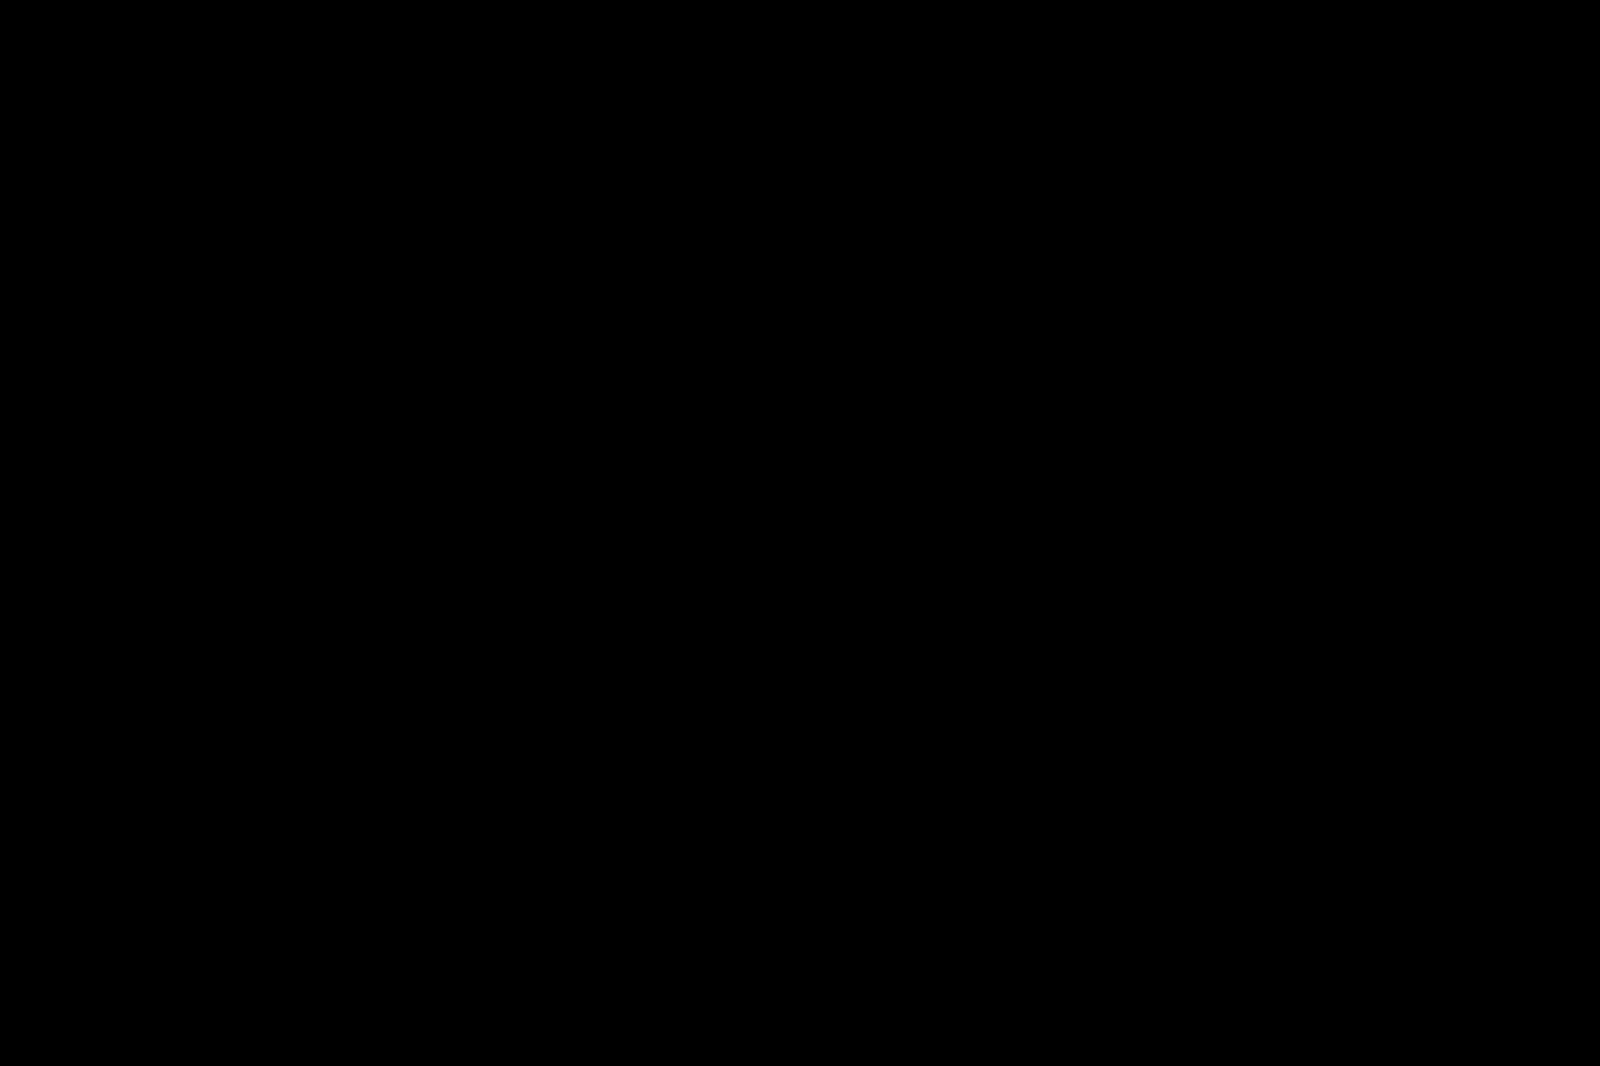 יומן יוגה